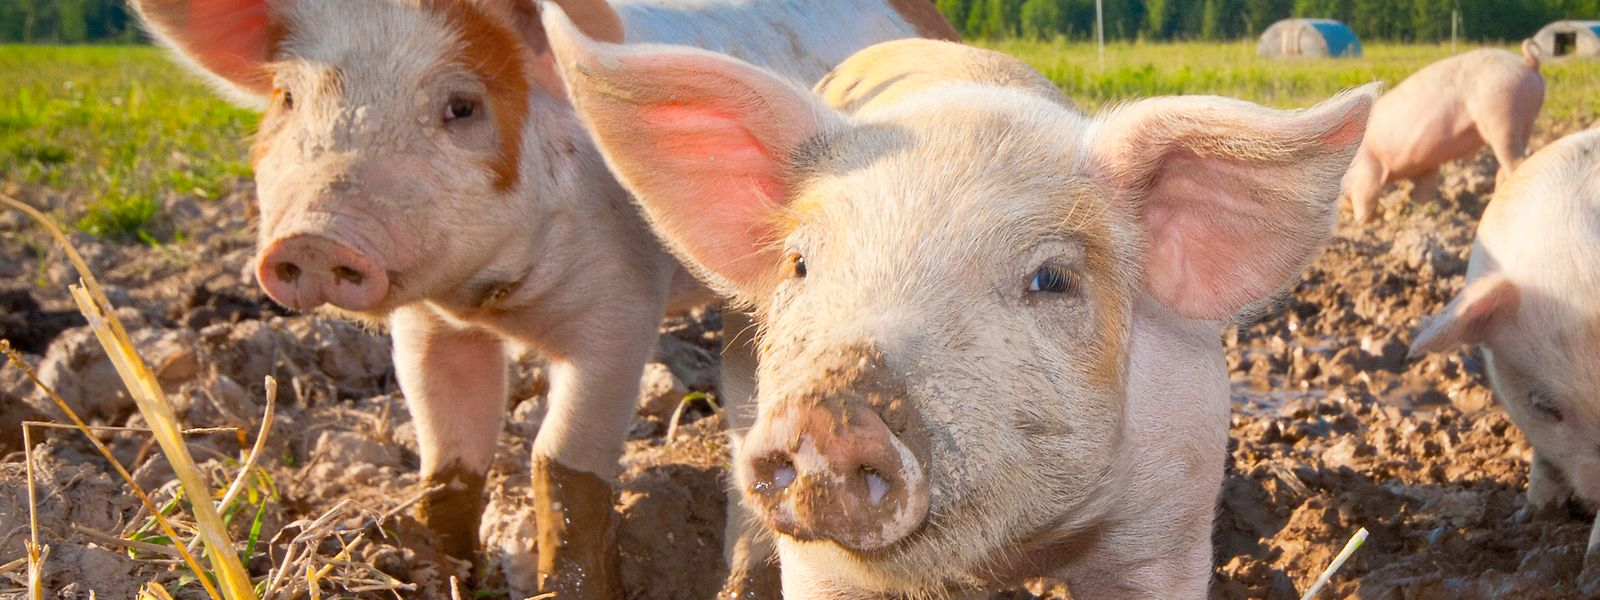 """Ein Grund für den aktuell niedrigen Schweinefleischpreis ist, dass China wegen nachgewiesenen Fällen der Afrikanischen Schweinepest in Deutschland alle Importe von dort ausgesetzt hat, was zu einer Art """"Stau"""" führt."""